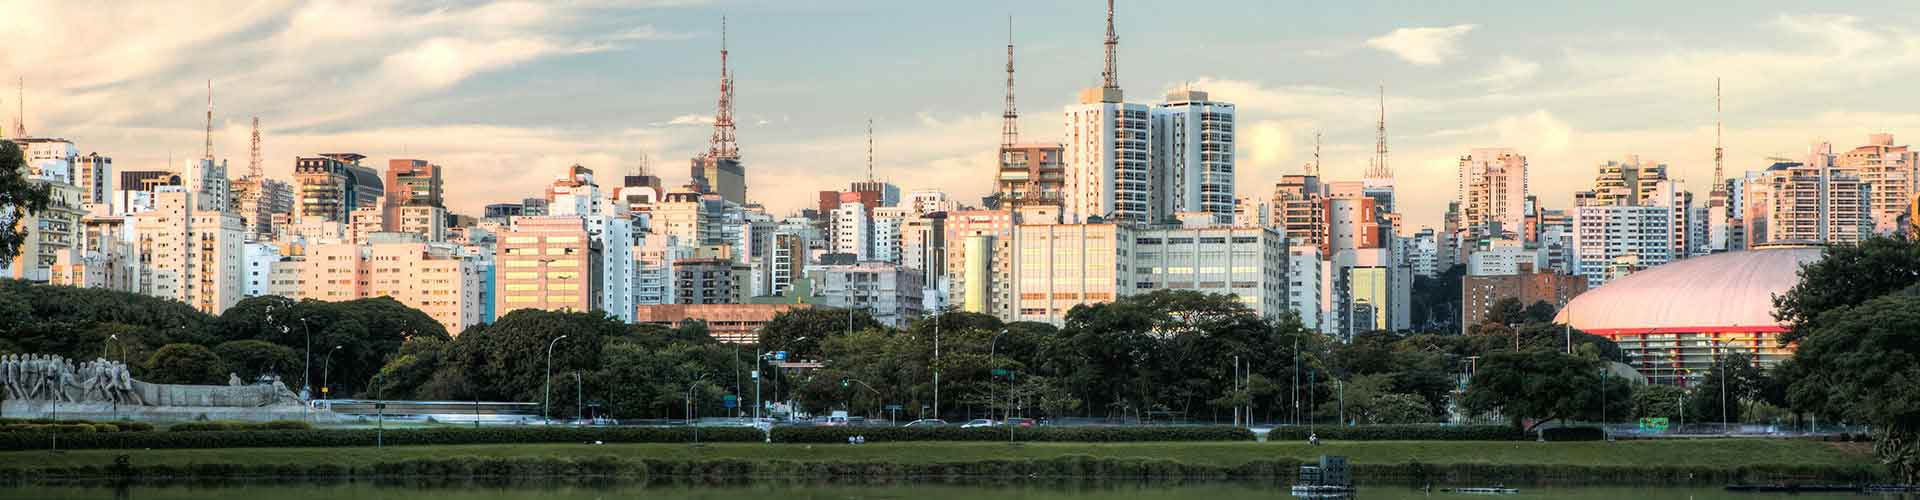 Sao Paulo - Ifjúsági Szállások közel Congonhas-São Paulo Repülőtér. Sao Paulo térképek, fotók és ajánlások minden egyes Ifjúsági Szállásra: Sao Paulo.